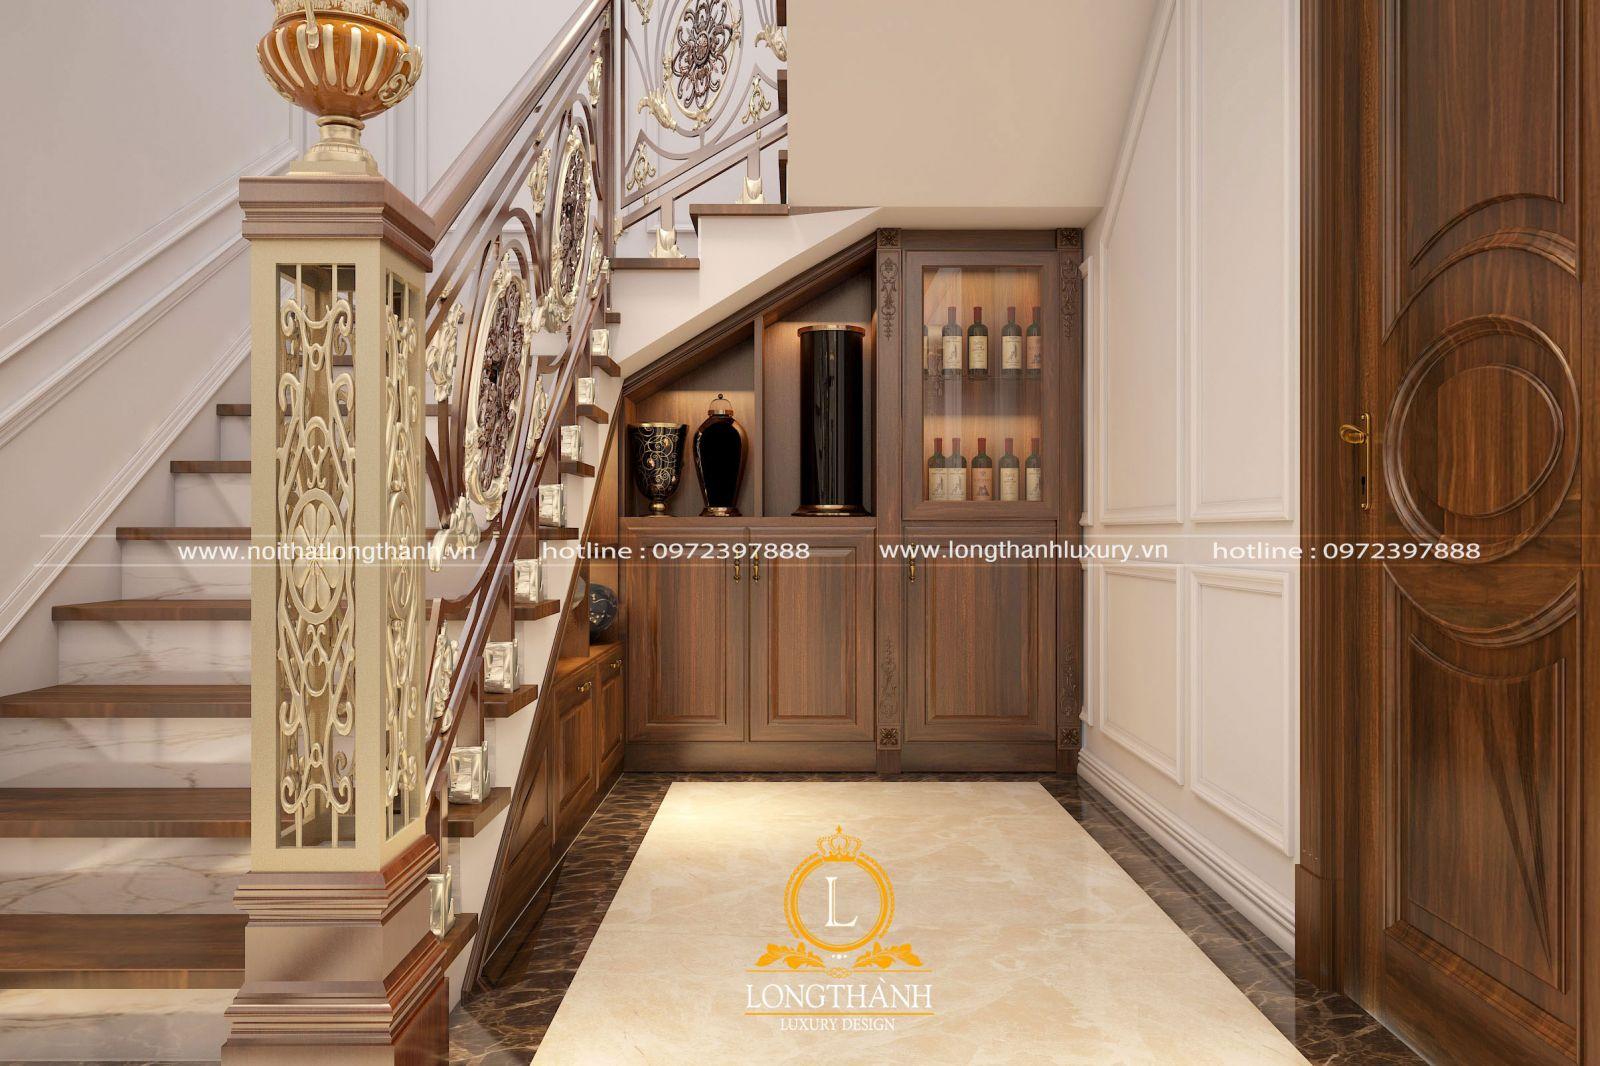 Tủ rượu âm tường với gam màu hài hòa cùng không gian nội thất chung